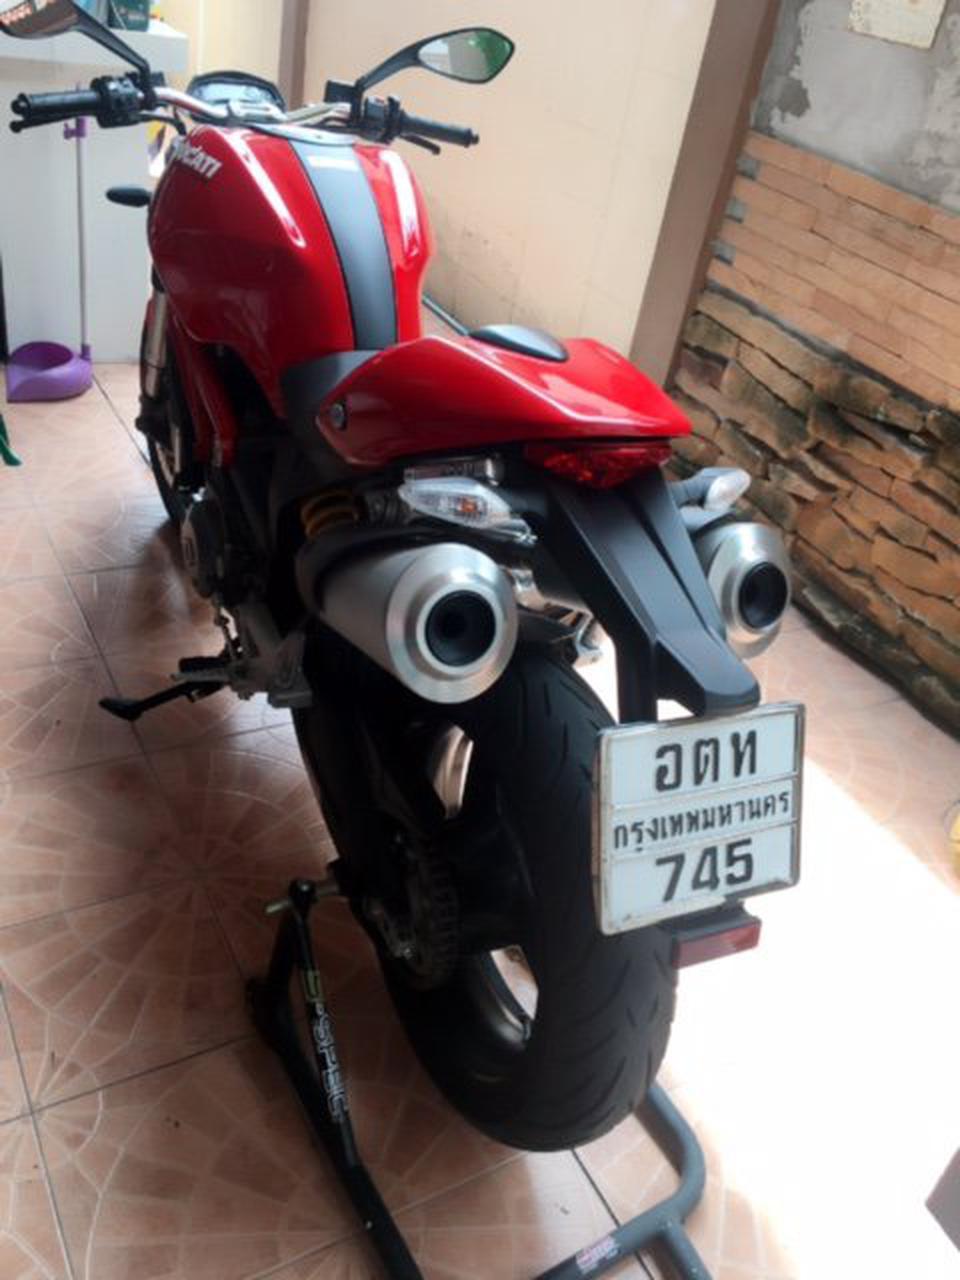 ขายรถ Big Bike ยี่ห้อ Ducati รูปที่ 6